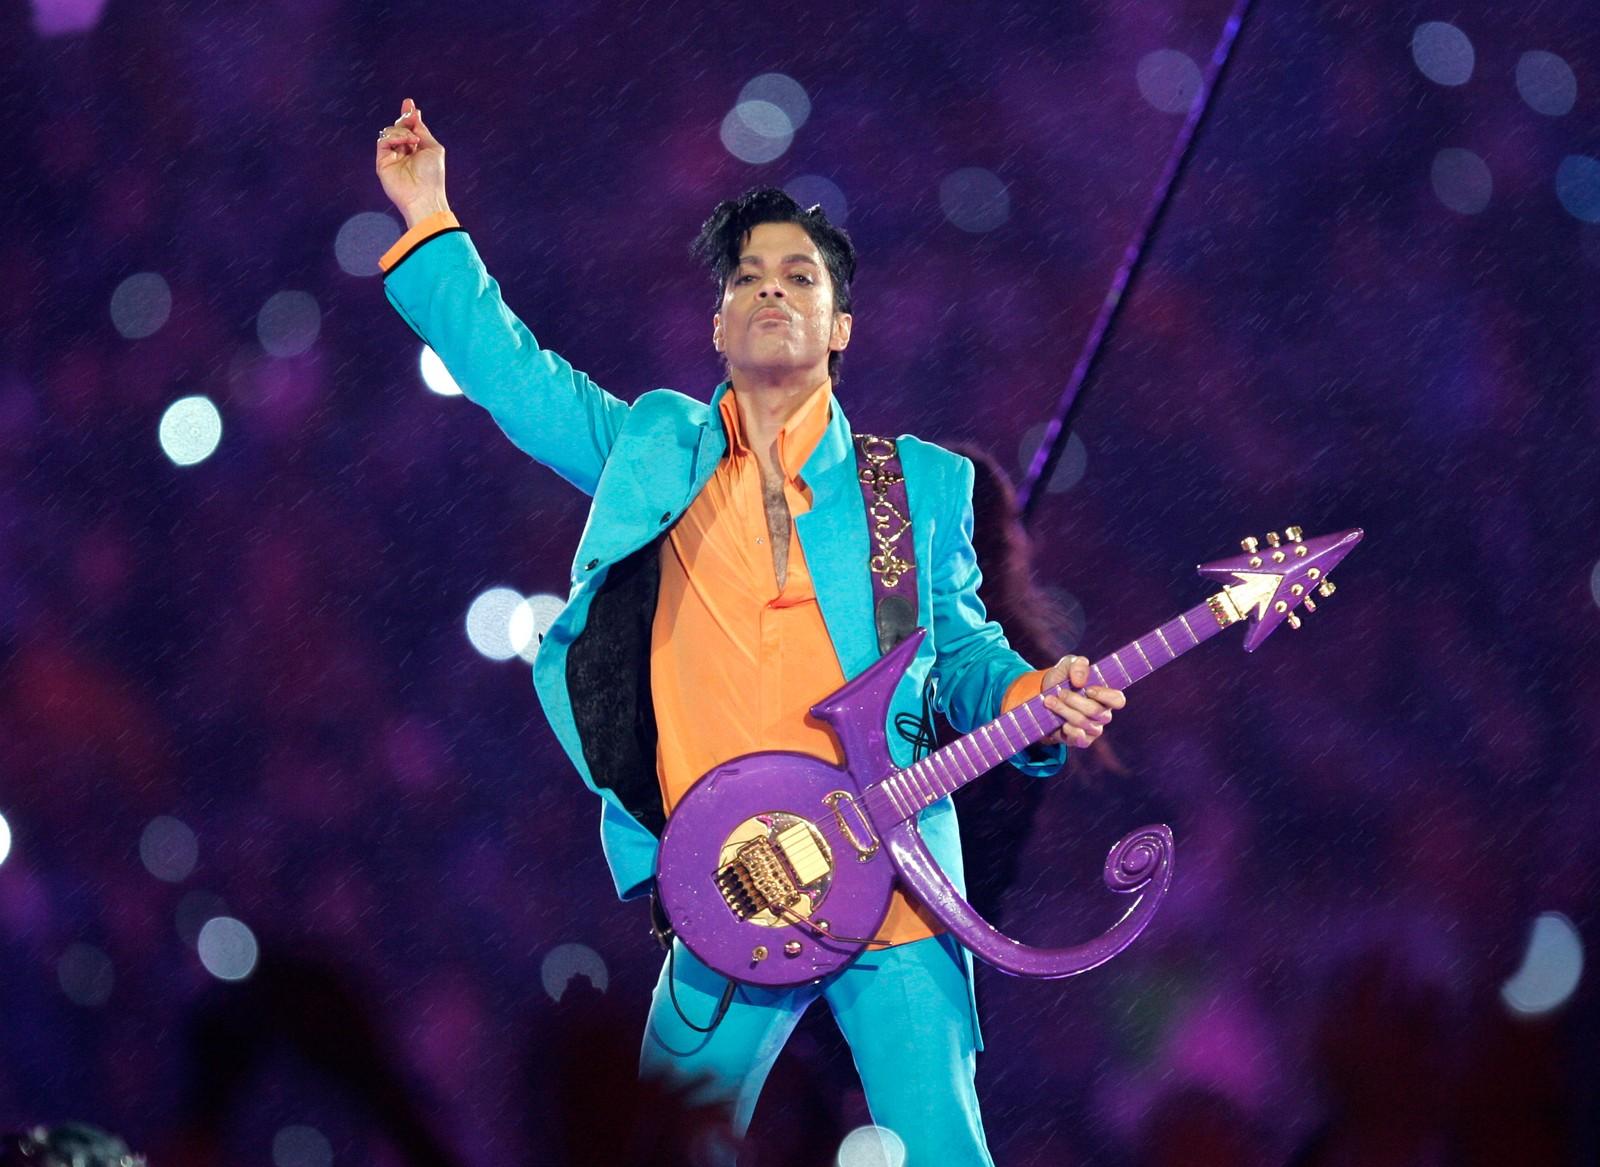 """Prince var kjent for å ha fantastiske sceneshow. Her fra Super Bowl i 2007. Artisten som ble 57 år gammel hadde hits som blant annet """"Kiss"""" og """"Purple Rain""""."""